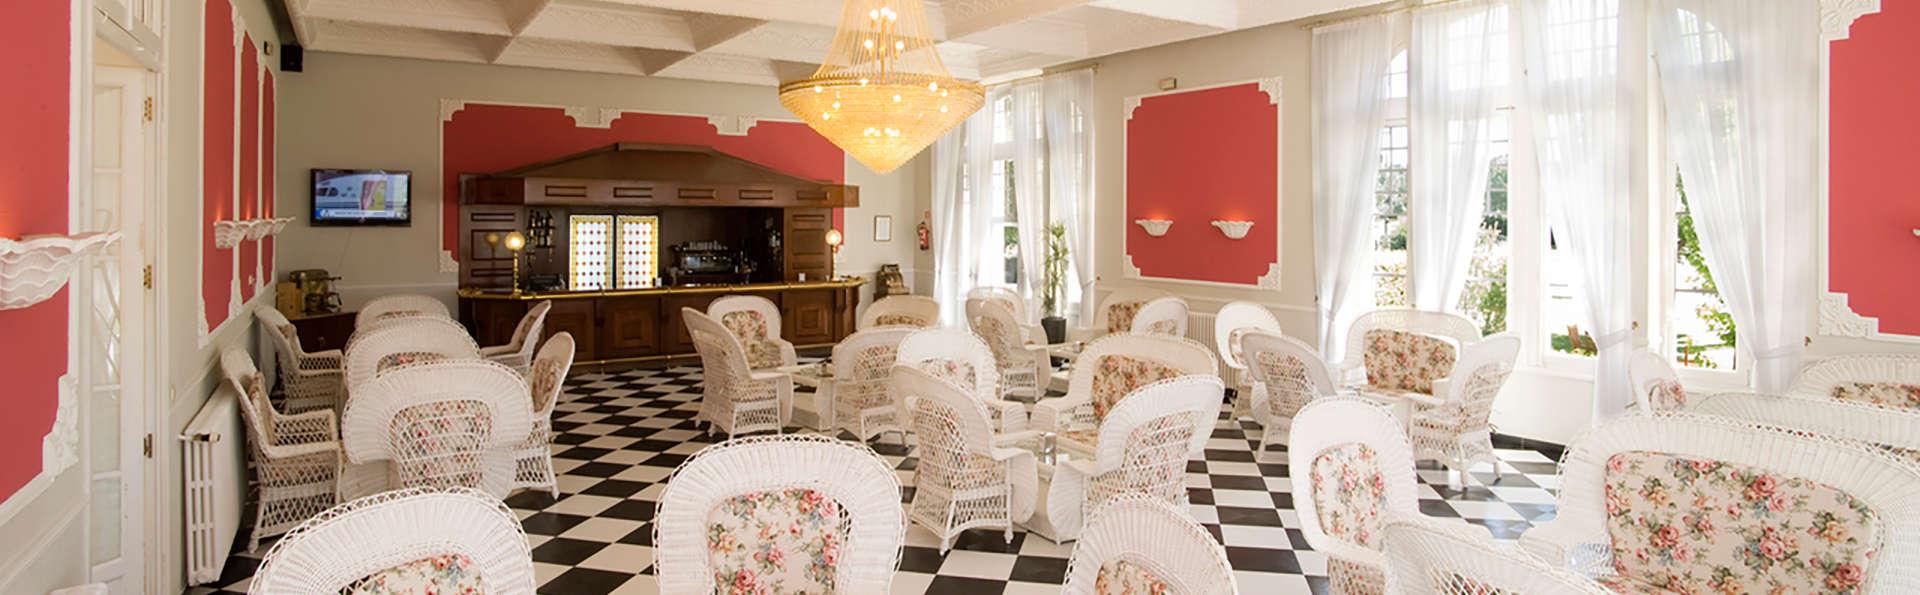 Escapada con cena y circuito termal en un palacio del s. XVIII cerca de Valladolid (desde 2 noches)